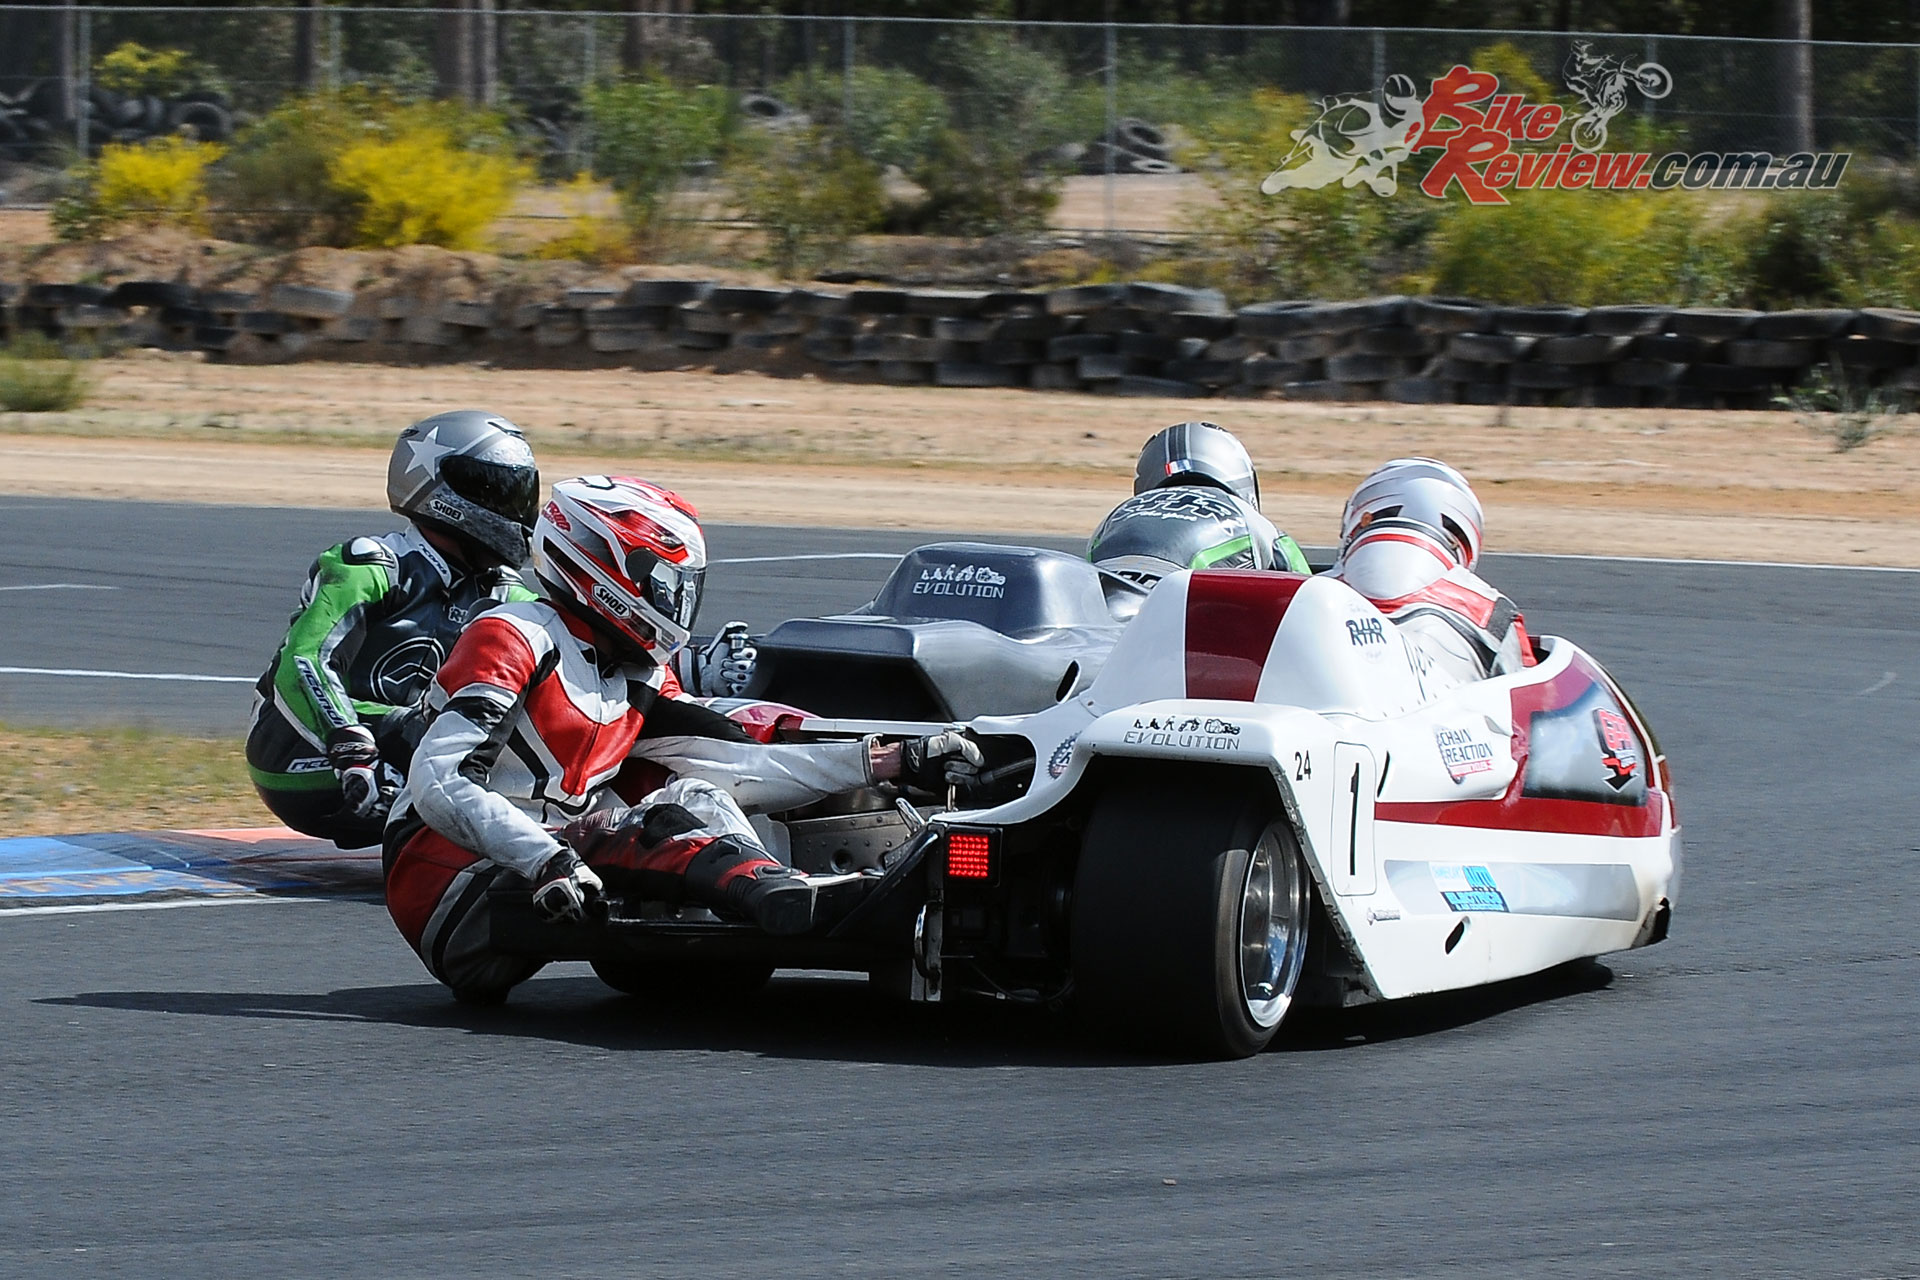 Graeme Evans/Jarrod Scott (RHR Kawasaki ZX-10R)